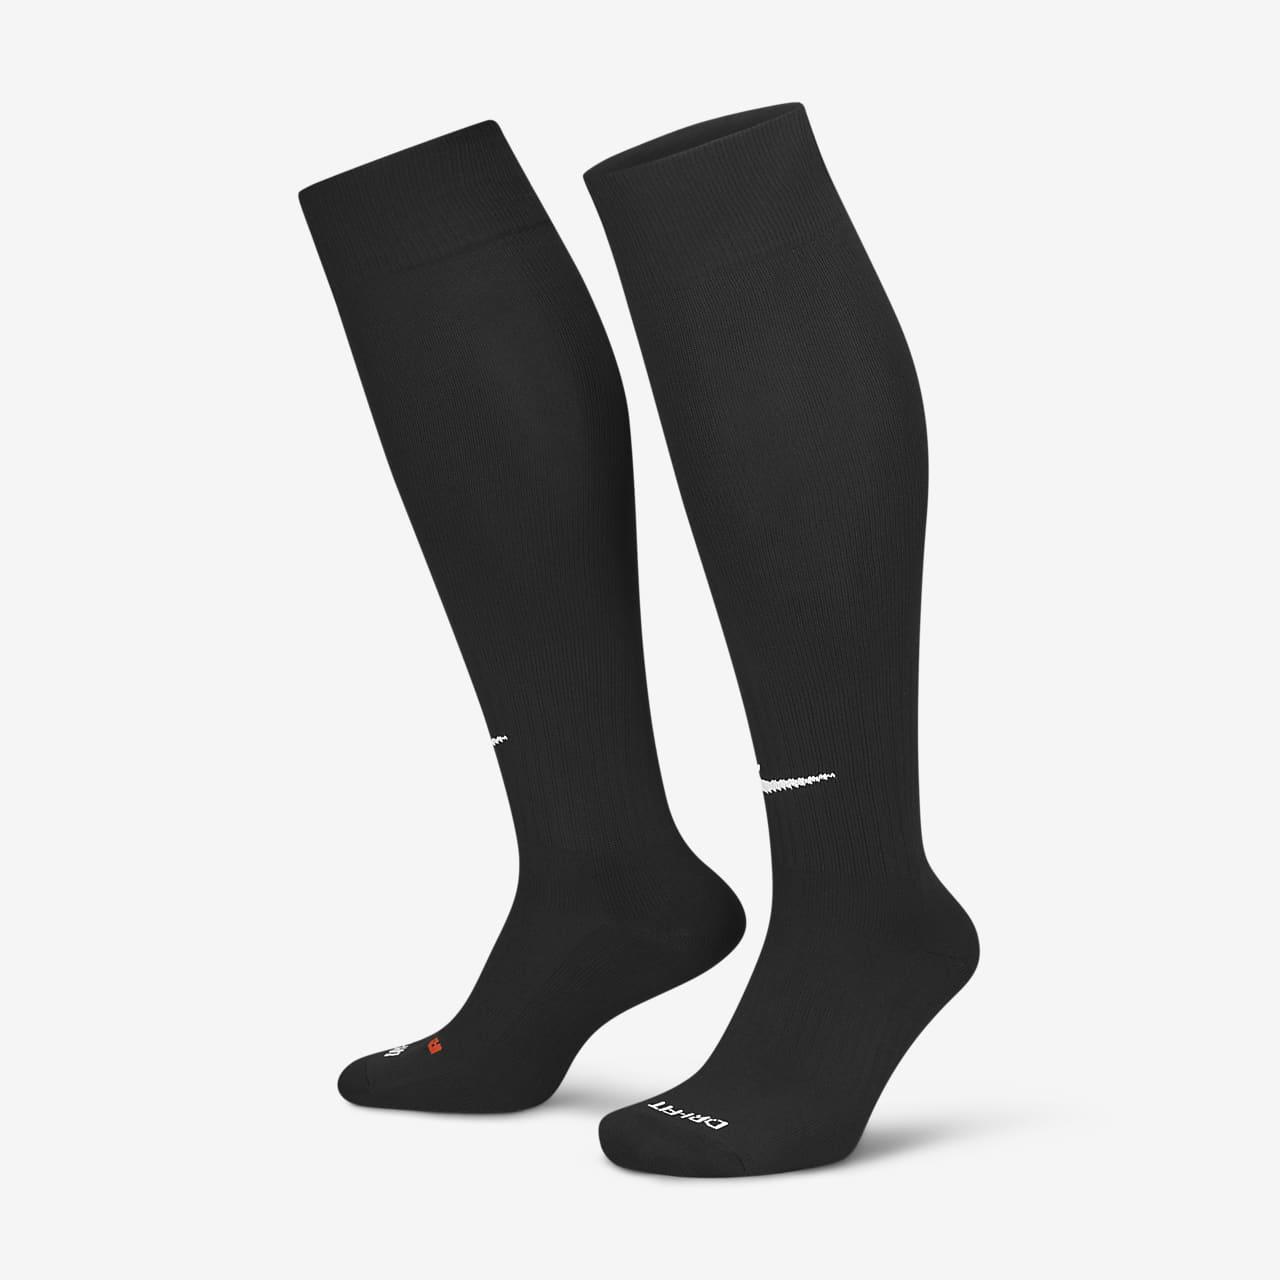 Ποδοσφαιρικές κάλτσες με αντικραδασμική προστασία που φτάνουν επάνω από τη γάμπα Nike Classic 2